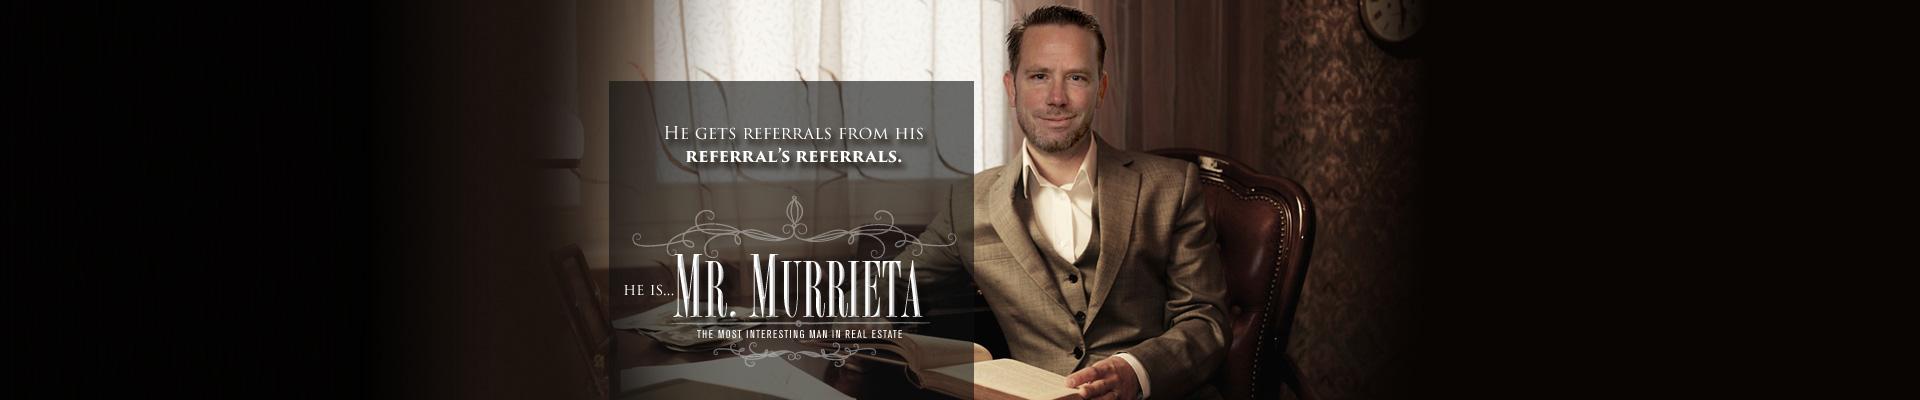 MrMurrietaSlider4